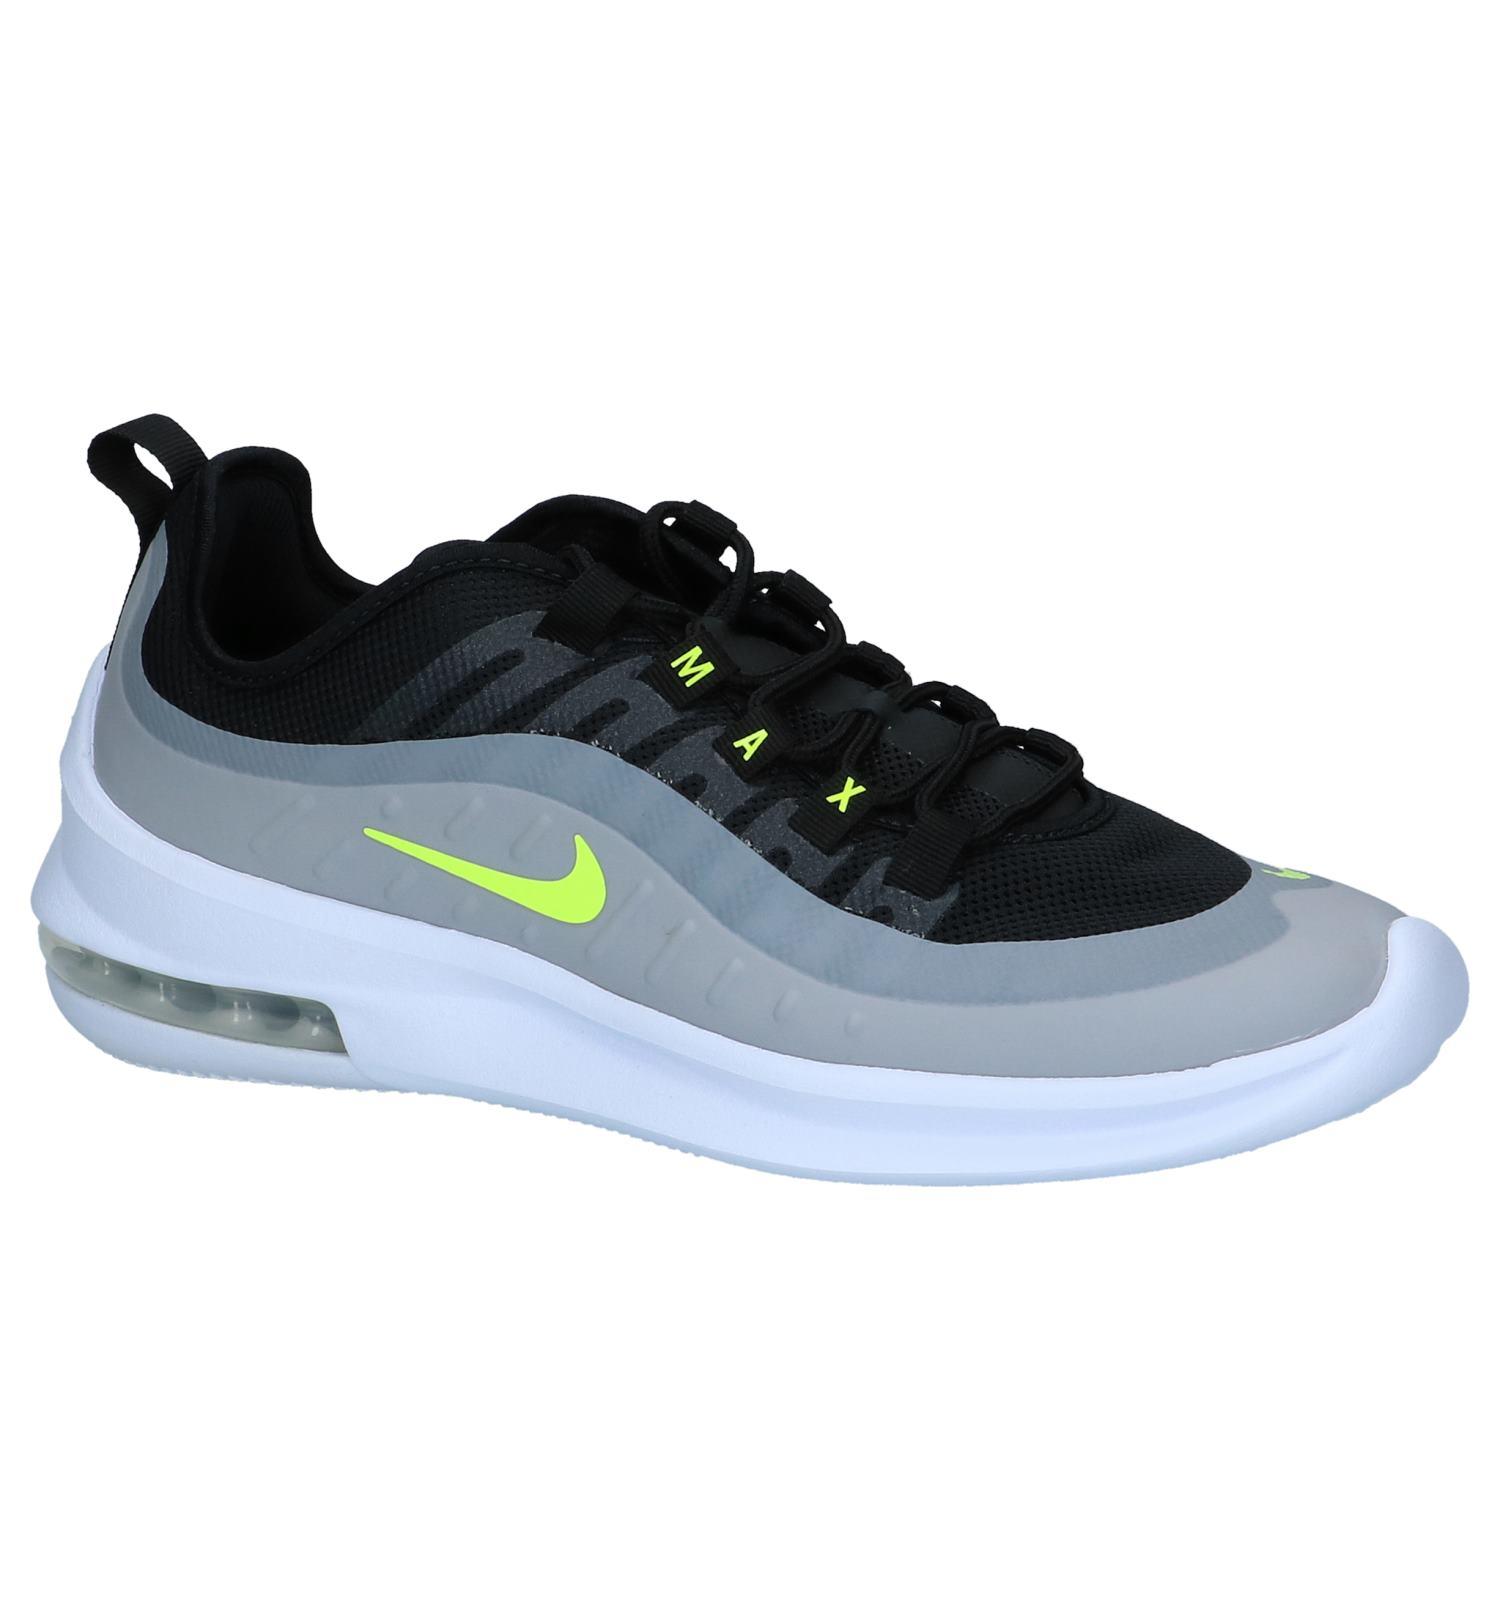 6b823cb65e8 Grijs/Zwarte Sneakers Nike Air Max Axis   SCHOENENTORFS.NL   Gratis verzend  en retour